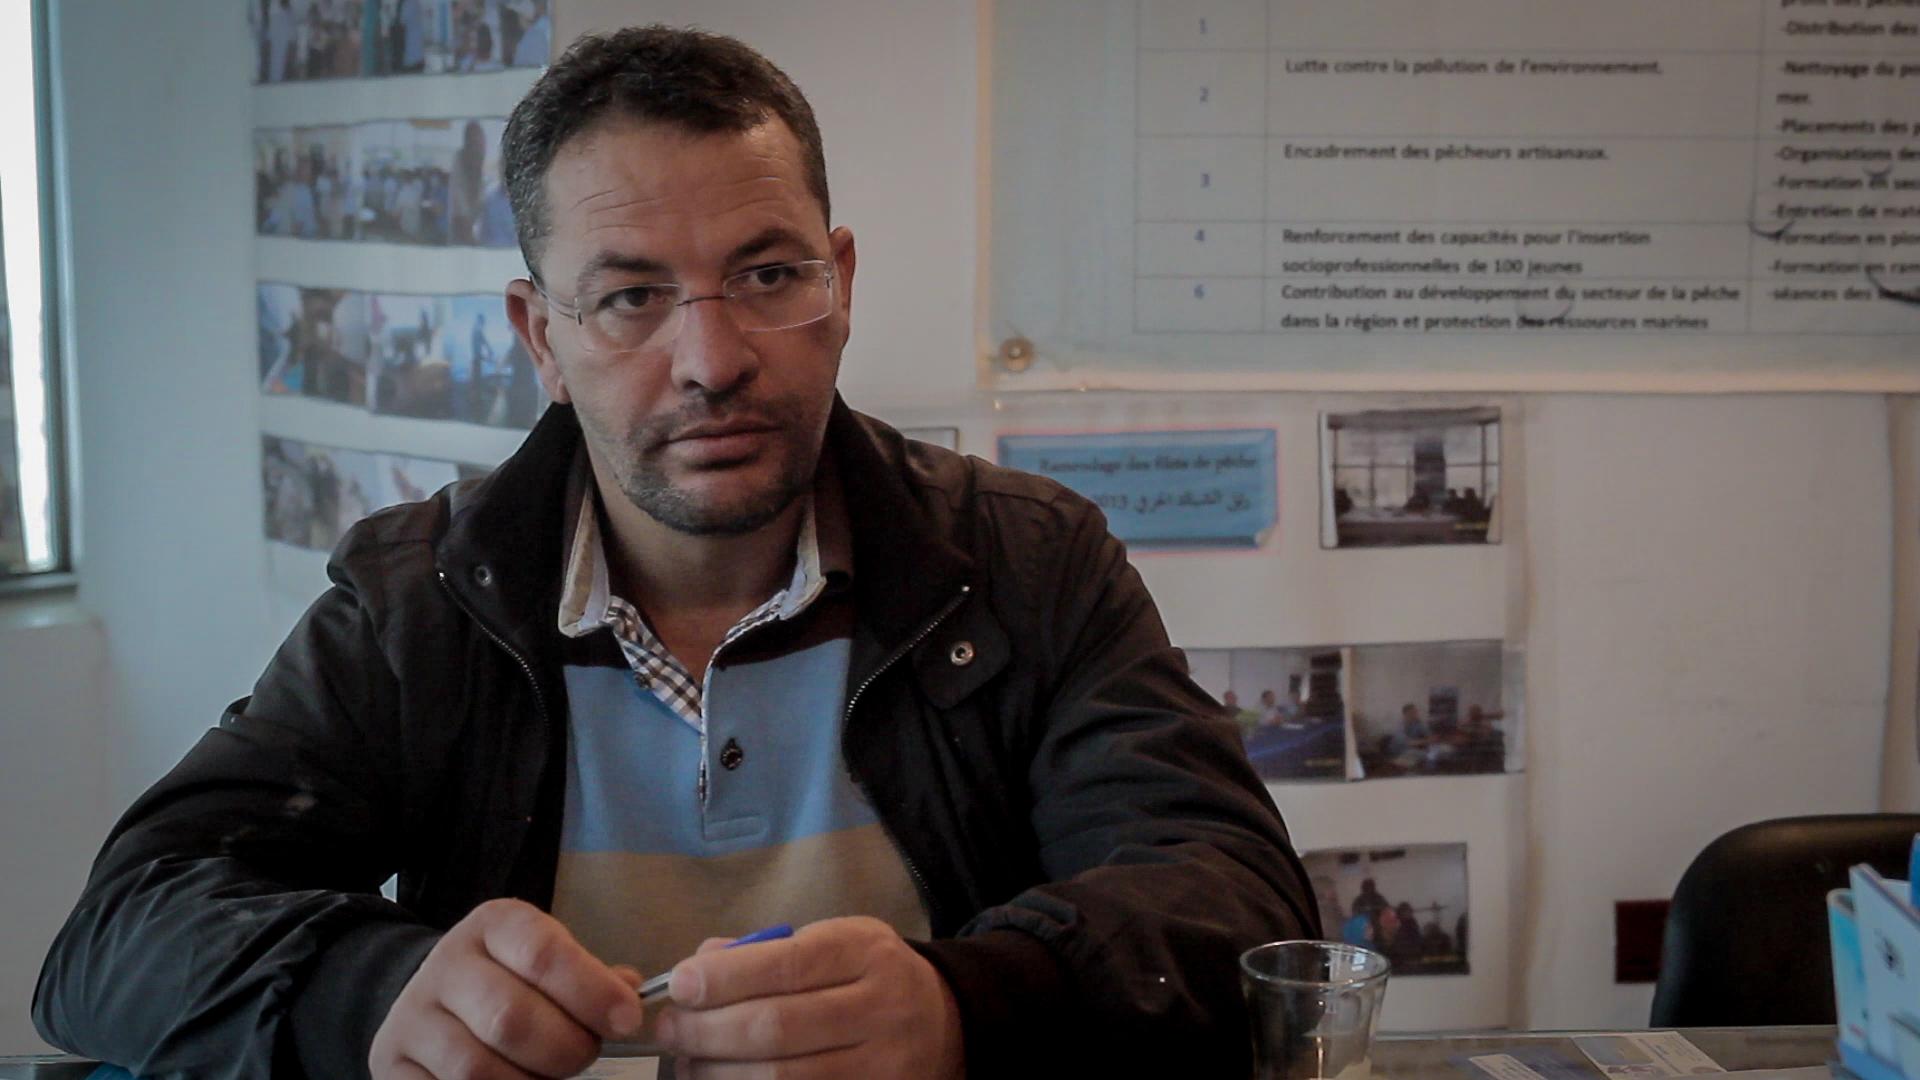 Chamseddine Bourassine, presidente dell'associazione pescatori, nella loro sede dove sono appese le fotografie dei salvataggi di migranti (foto: Giulia Bertoluzzi)